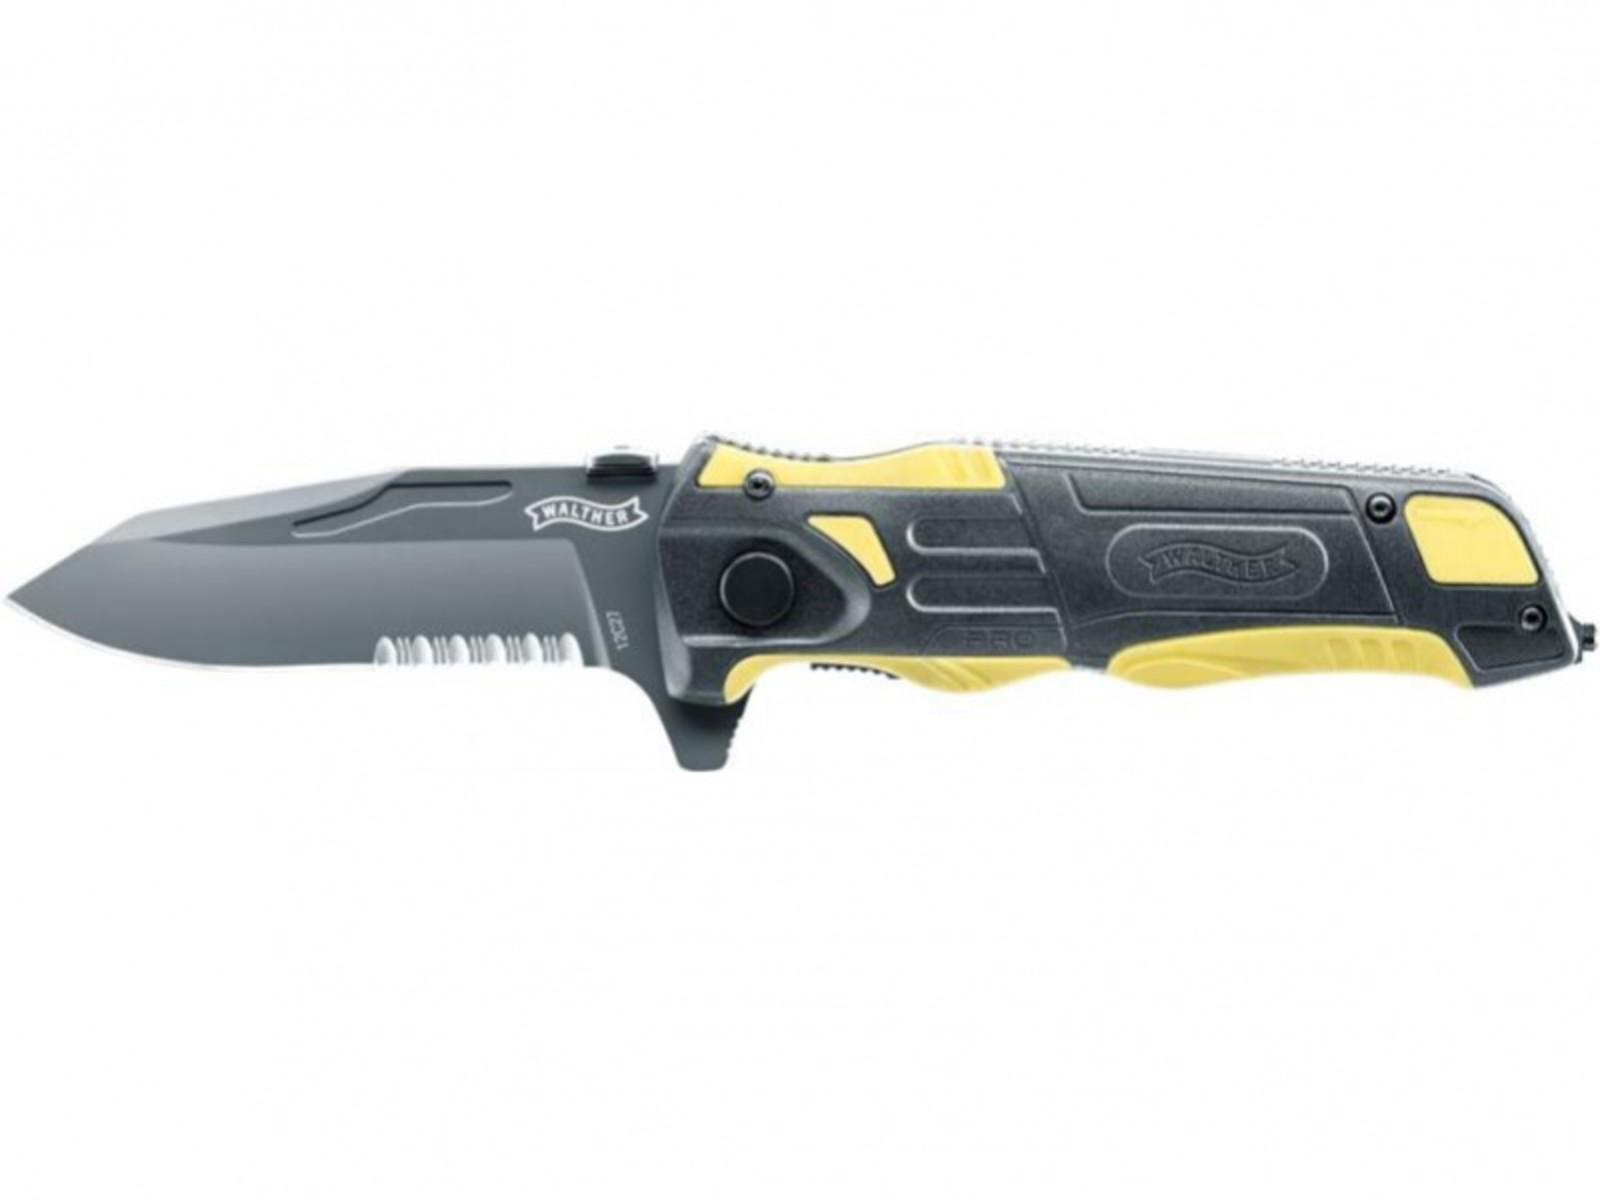 Nóż Walther Rescue Knife Pro